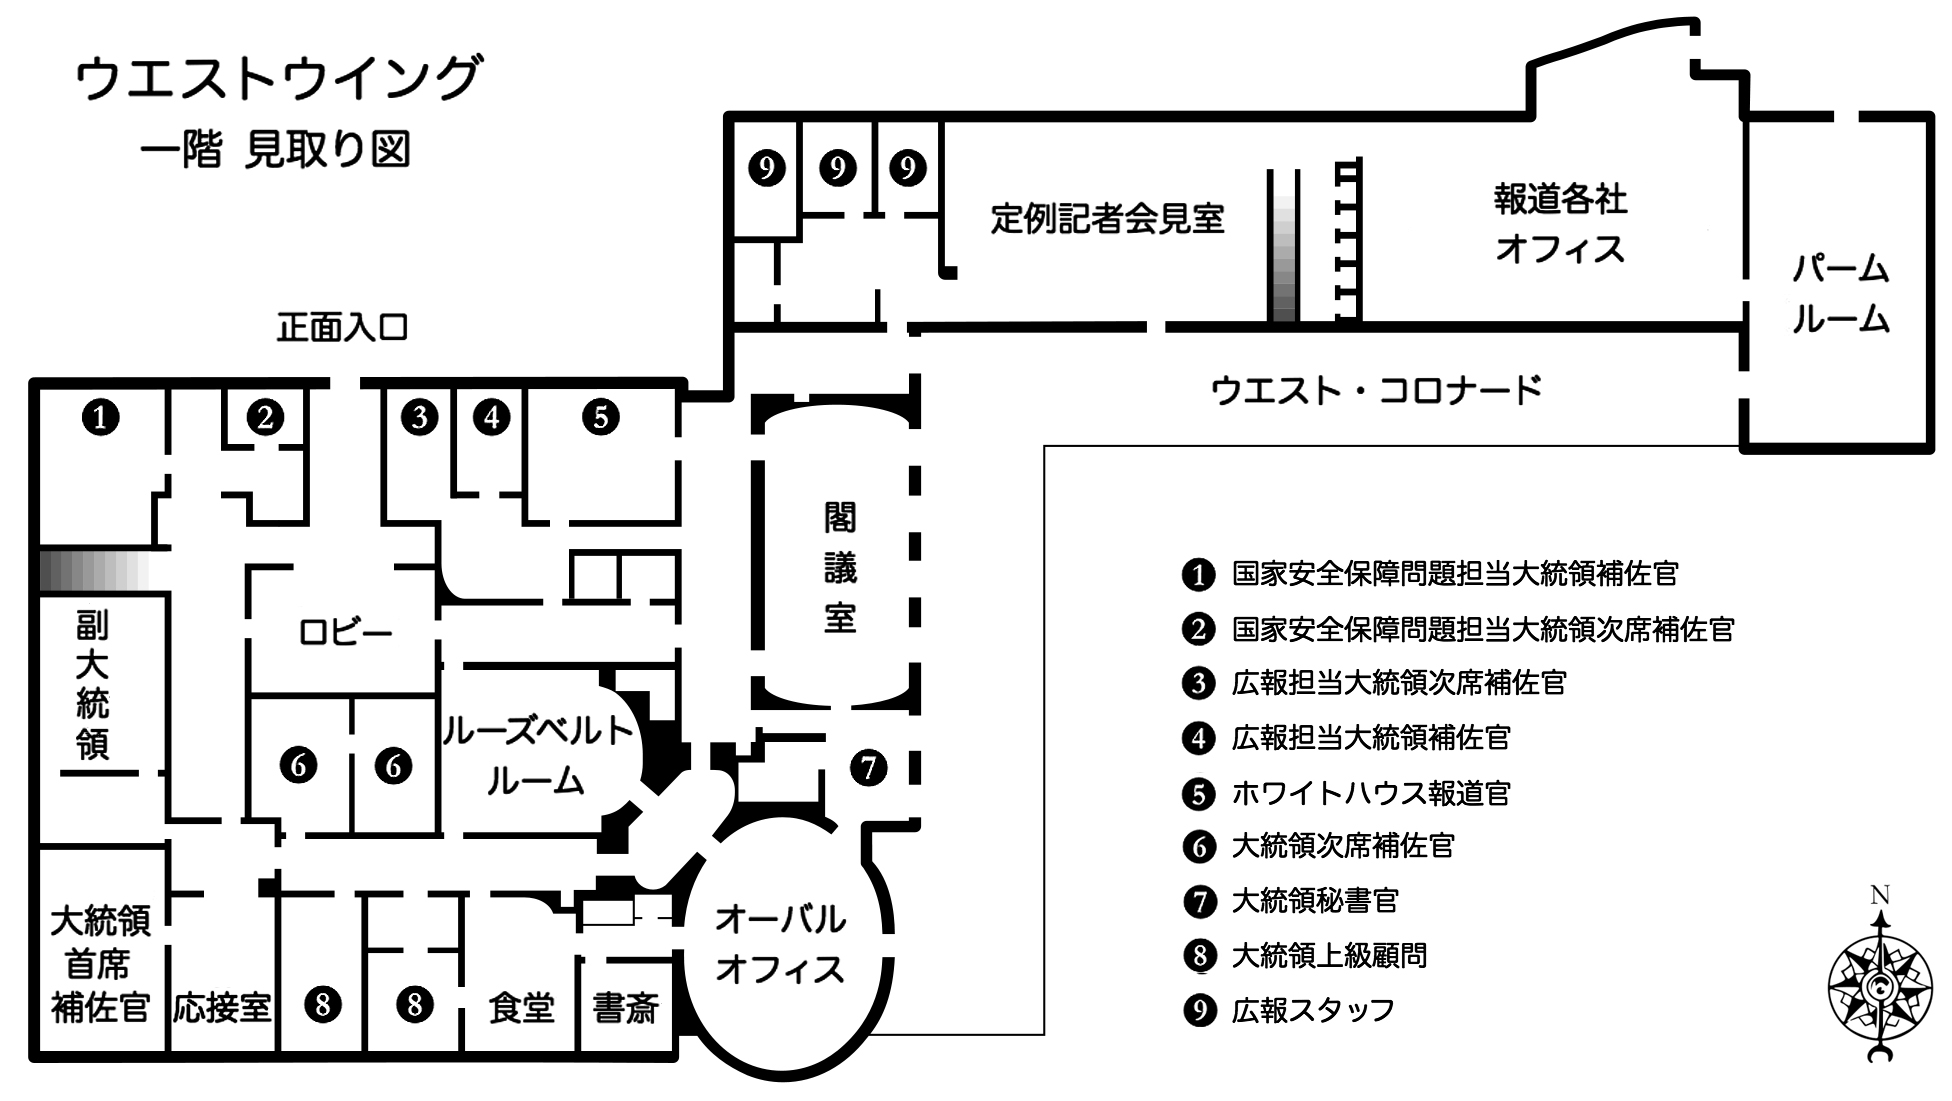 File White House West Wing floor plan   st Flr  Japanese  jpg    File White House West Wing floor plan   st Flr  Japanese  jpg